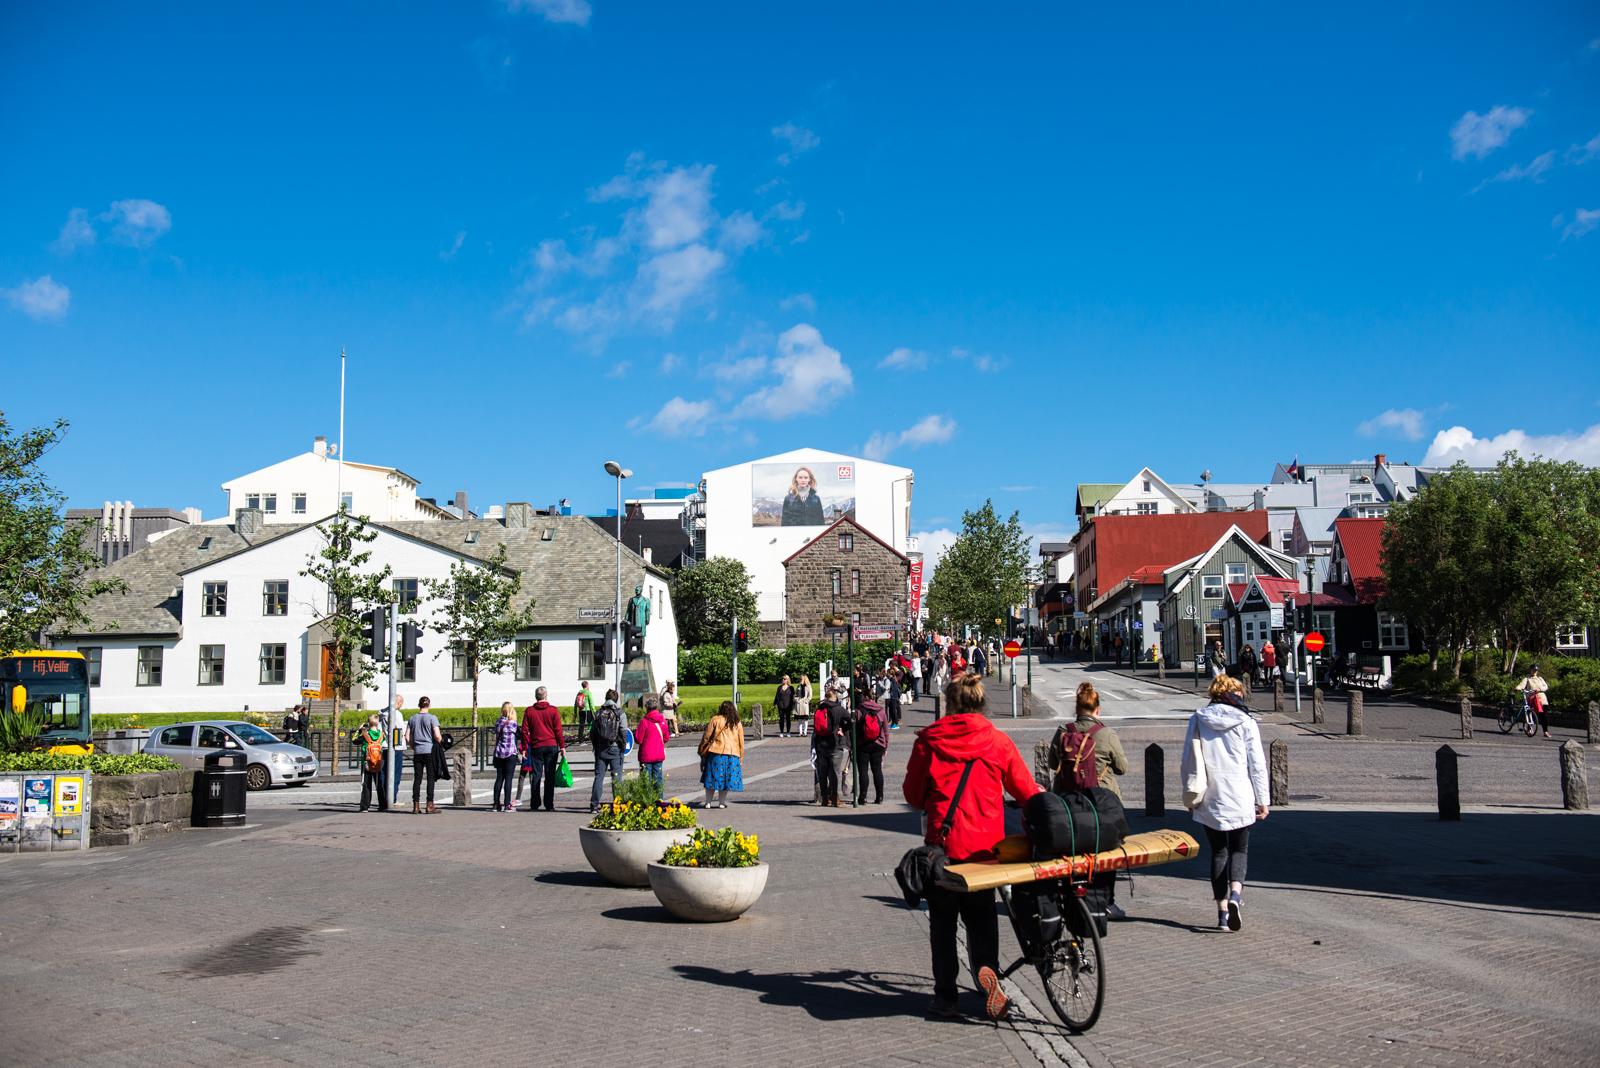 iceland_day_05_reykjavik-22.jpg